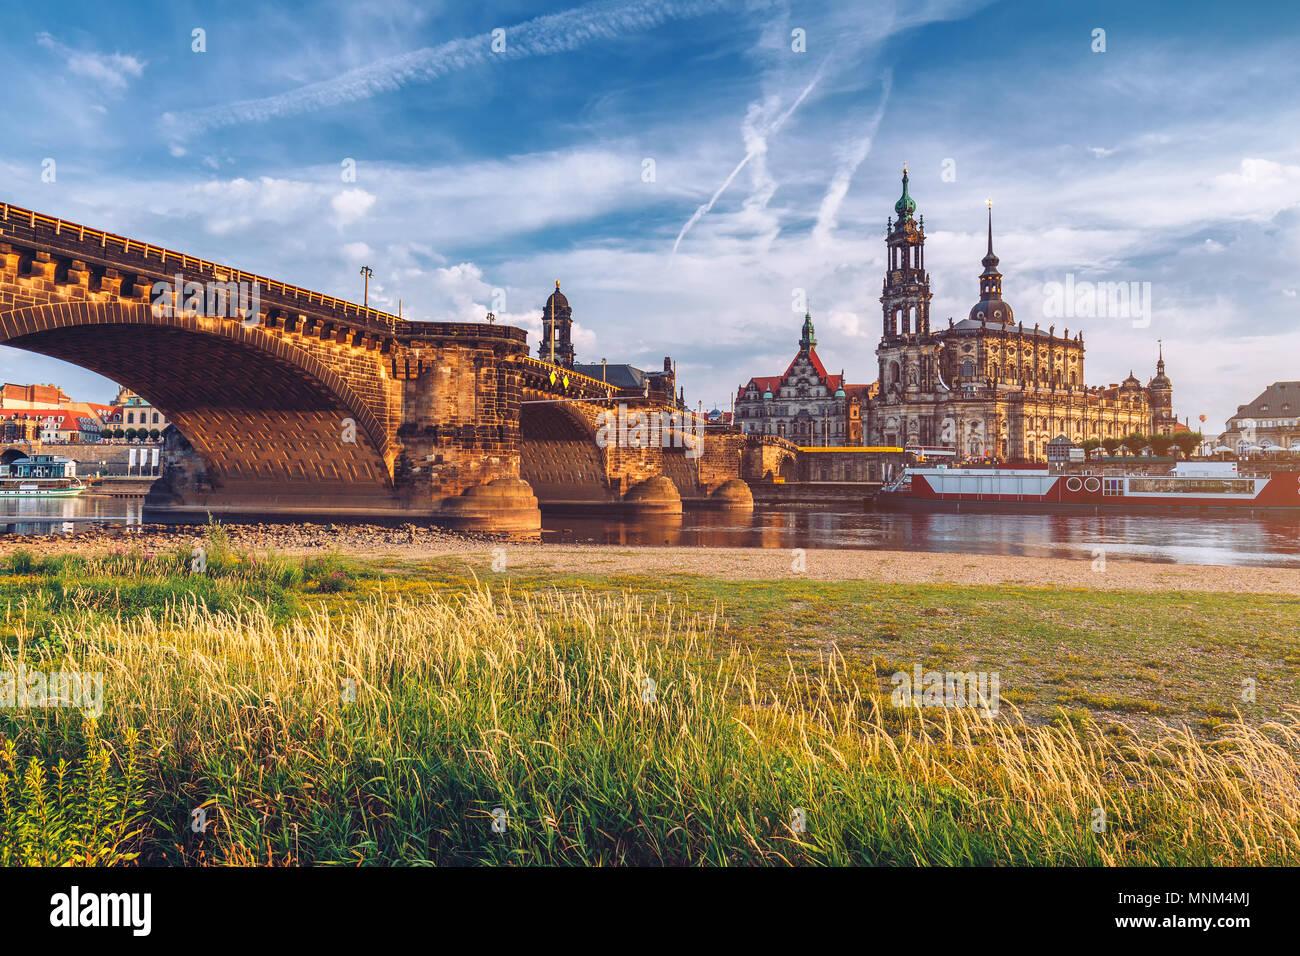 Ponte di Augusto (Augustusbrucke) e Cattedrale della Santissima Trinità (Hofkirche) oltre il Fiume Elba a Dresda, in Germania, in Sassonia. Immagini Stock